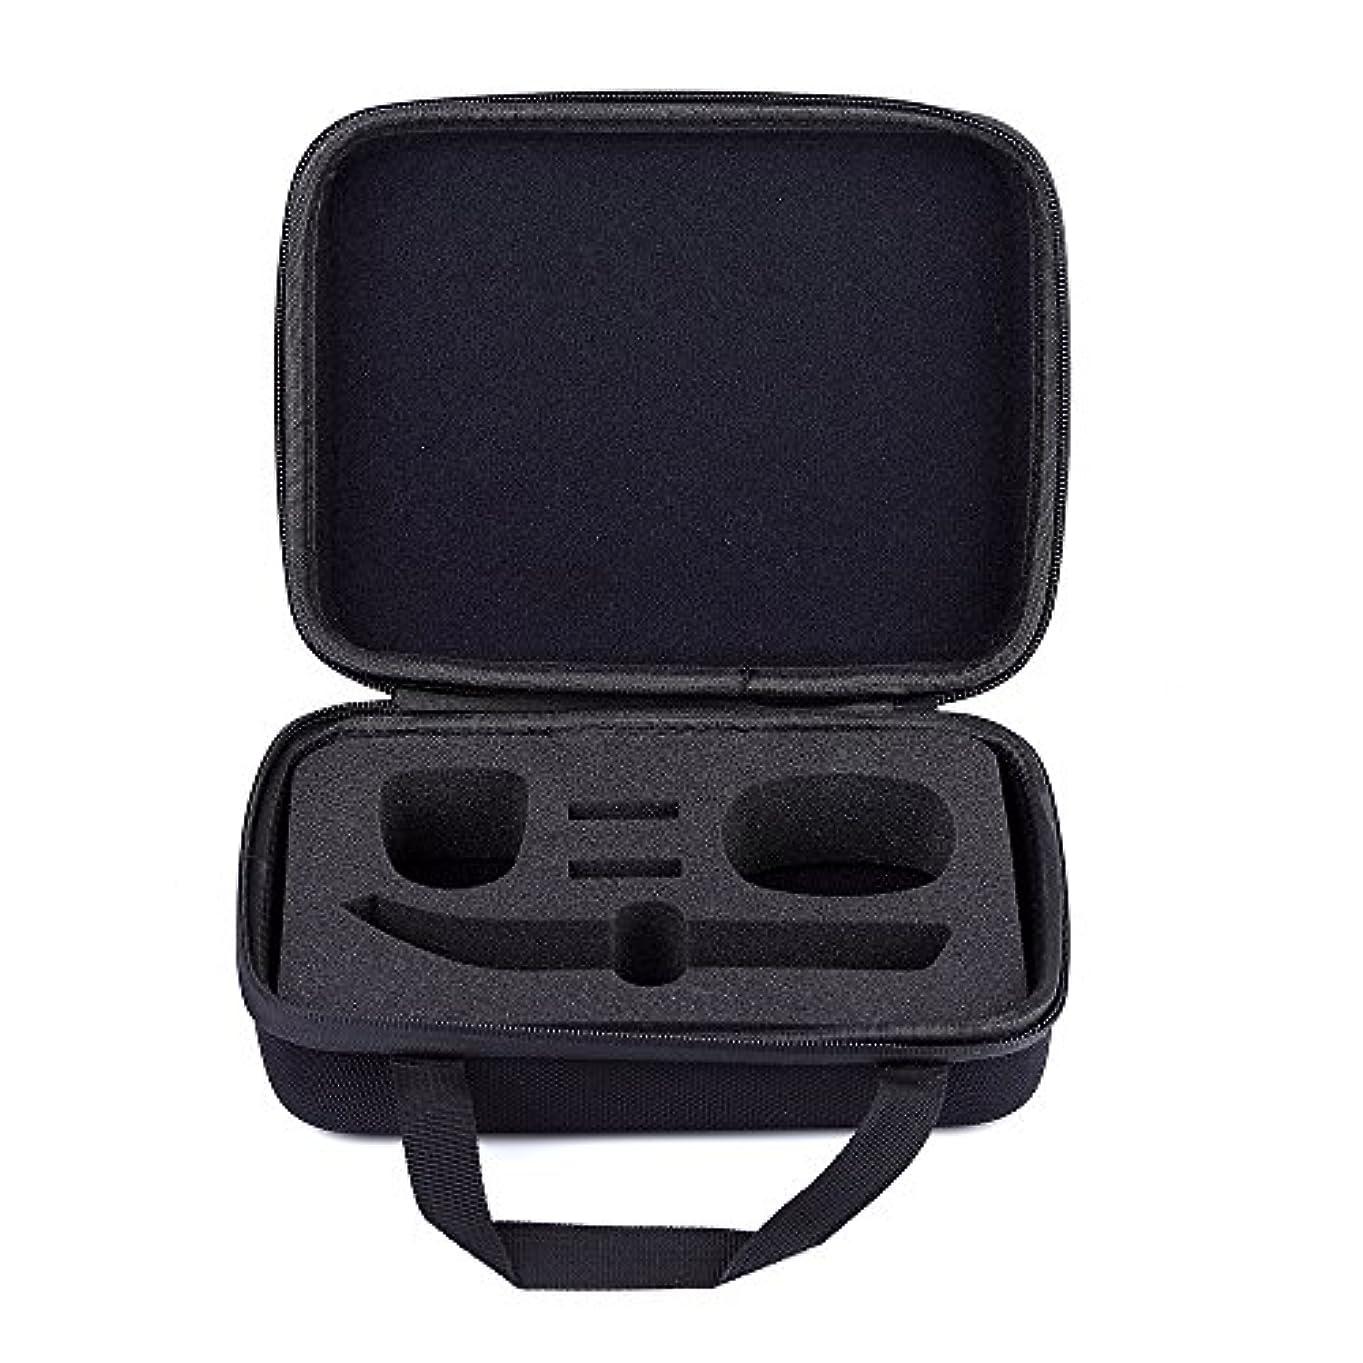 フォームひねり不明瞭Moligh doll トラベルのハードバッグ、携帯用ケース、Norelco Oneblade Pro用、転倒防止、防水、実用的なPhilipsシェーバー用の収納ボックス